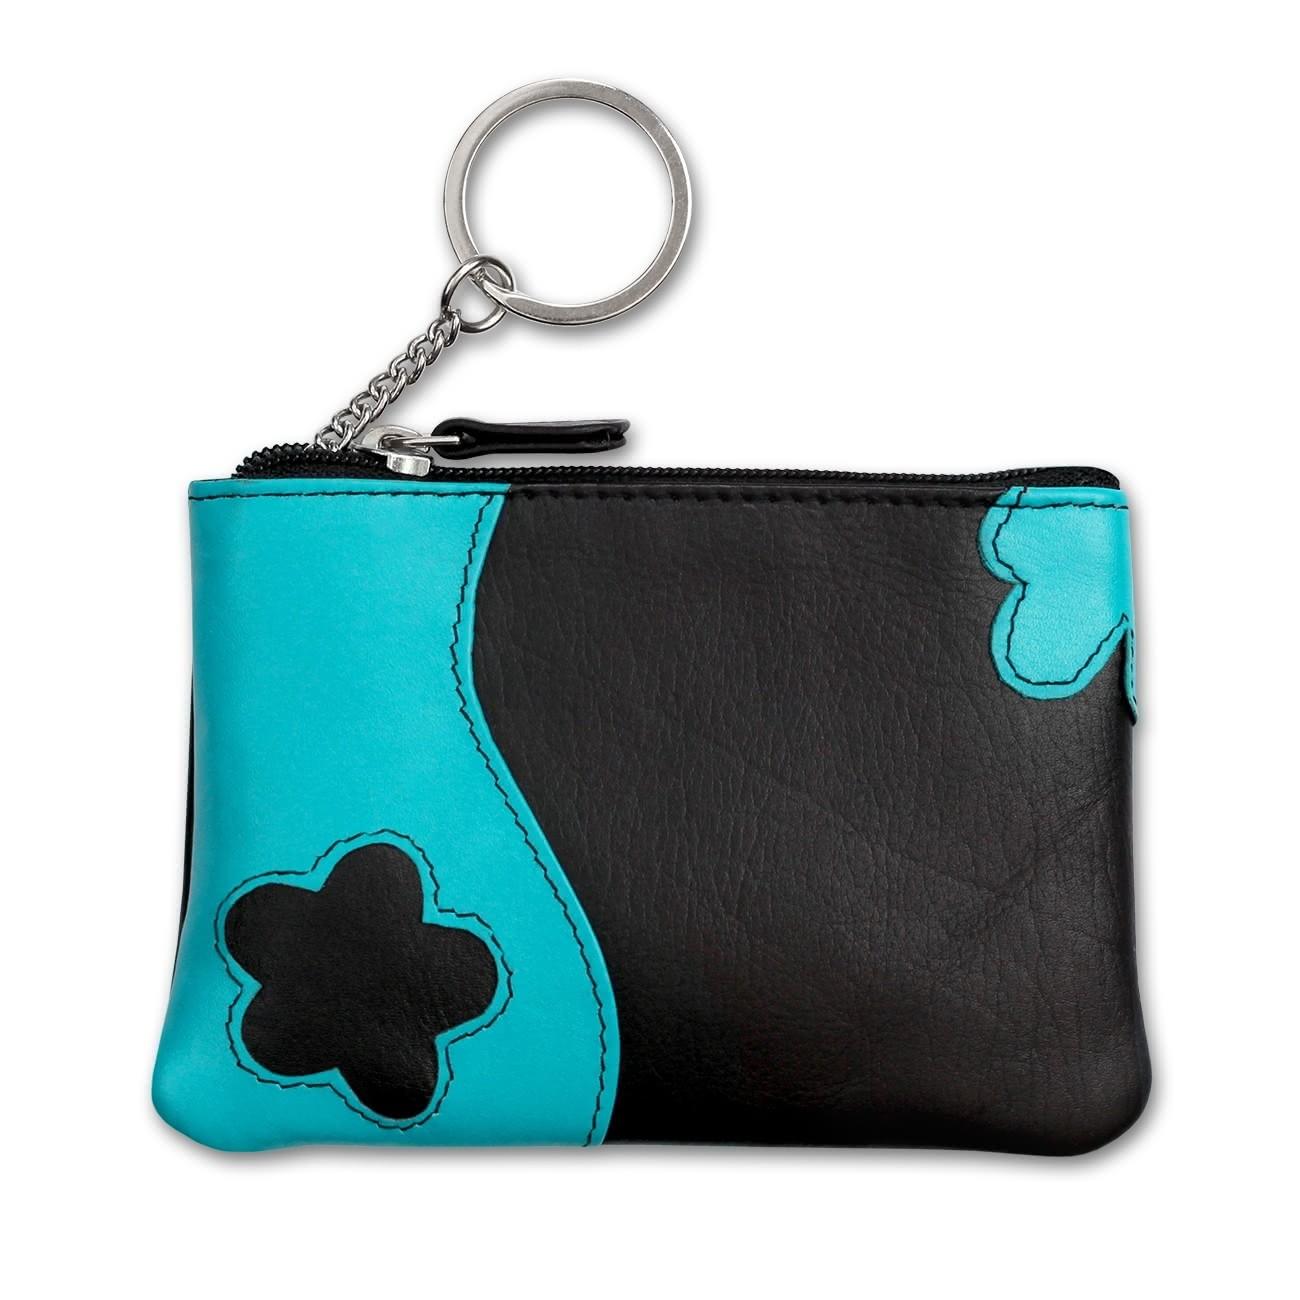 Schlüsseltasche Leder schwarz, türkis Schlüsseletui DrachenLeder OPS903S